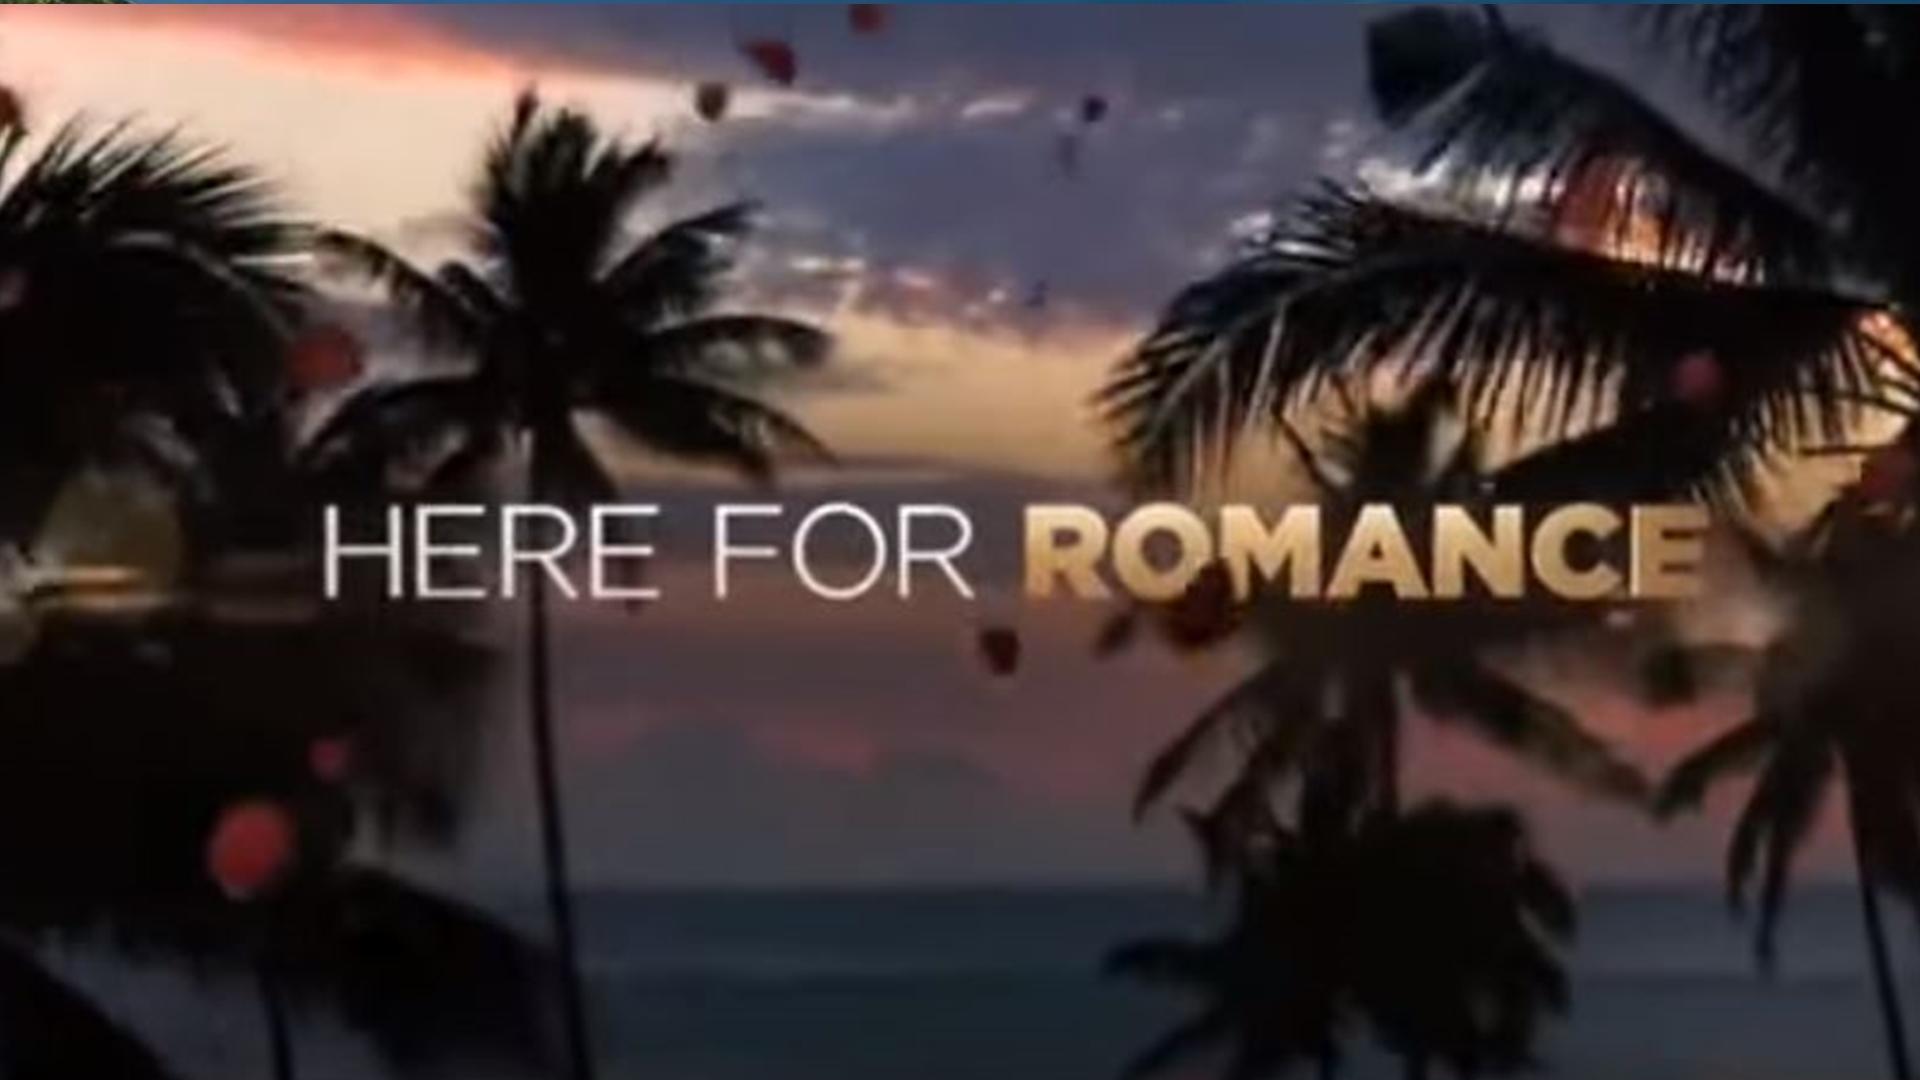 'Bachelor in Paradise Australia' kicks off season 1